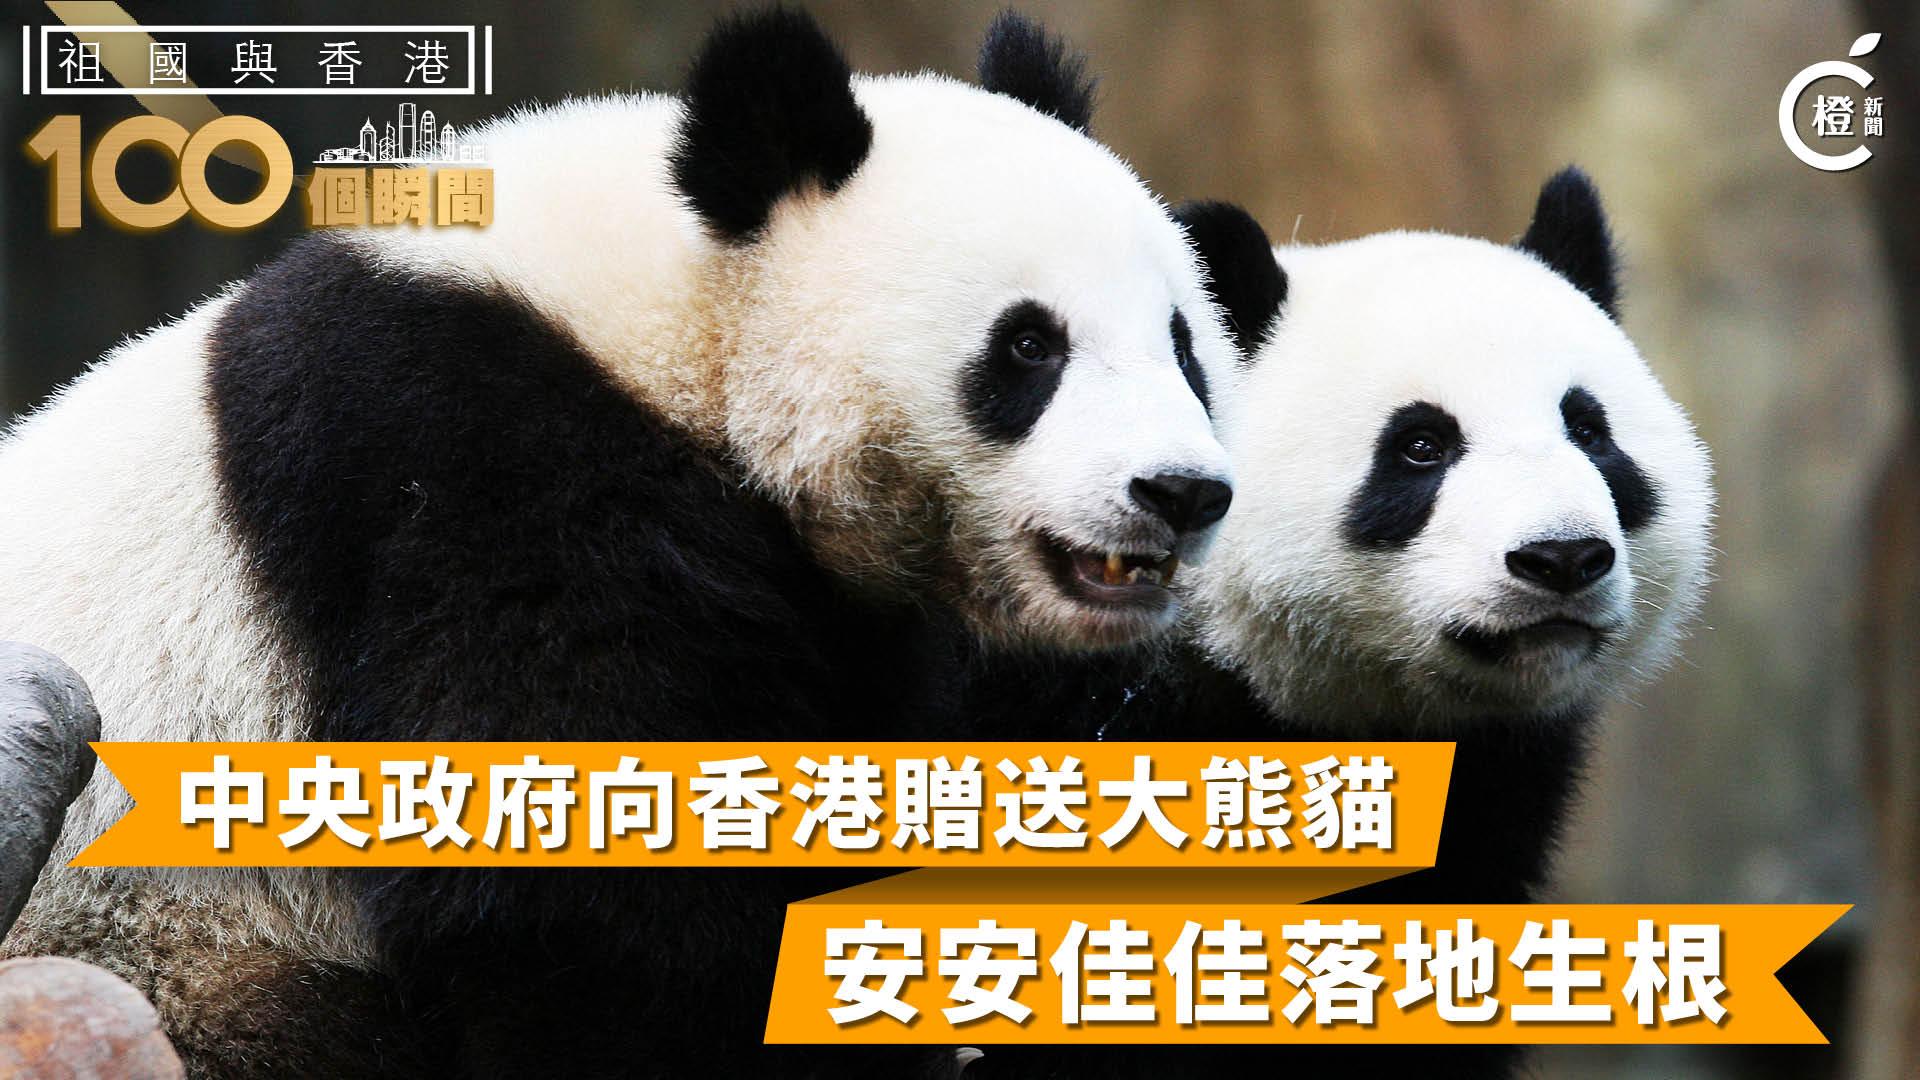 【祖國與香港100個瞬間】中央向香港贈送大熊貓 安安佳佳落地生根